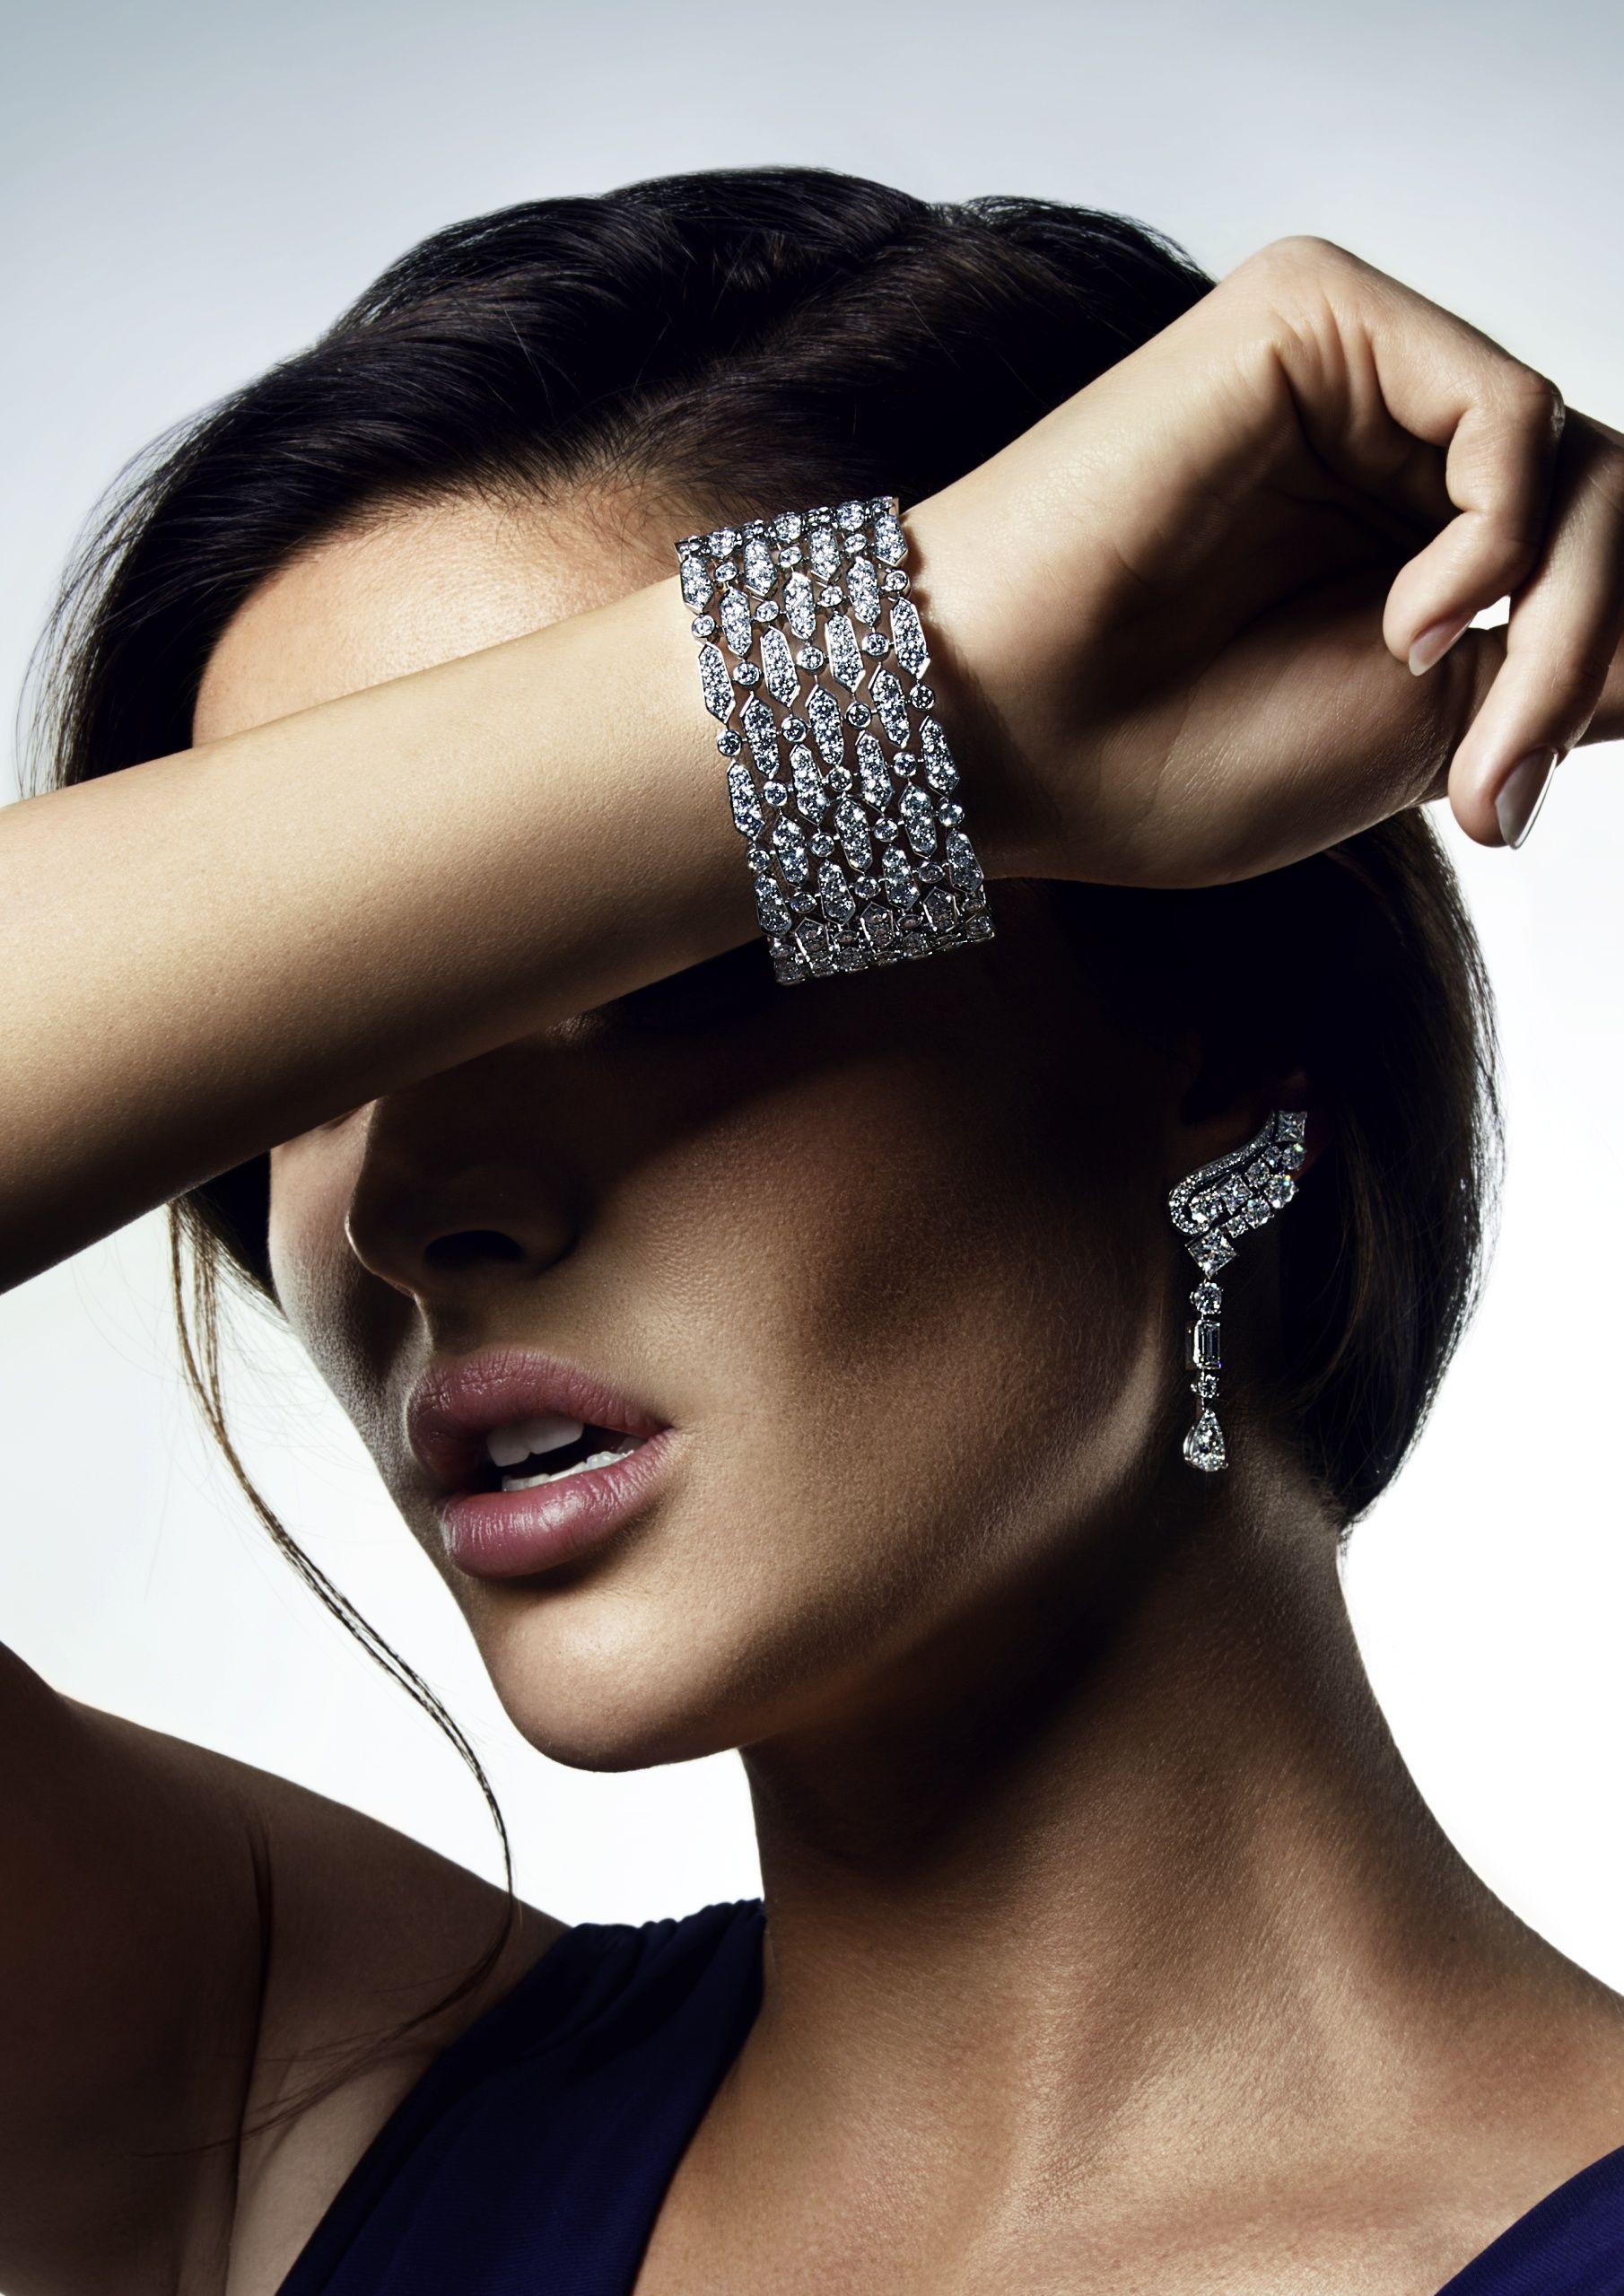 культурно-досуговом реклама ювелирных украшений фото будущая супруга